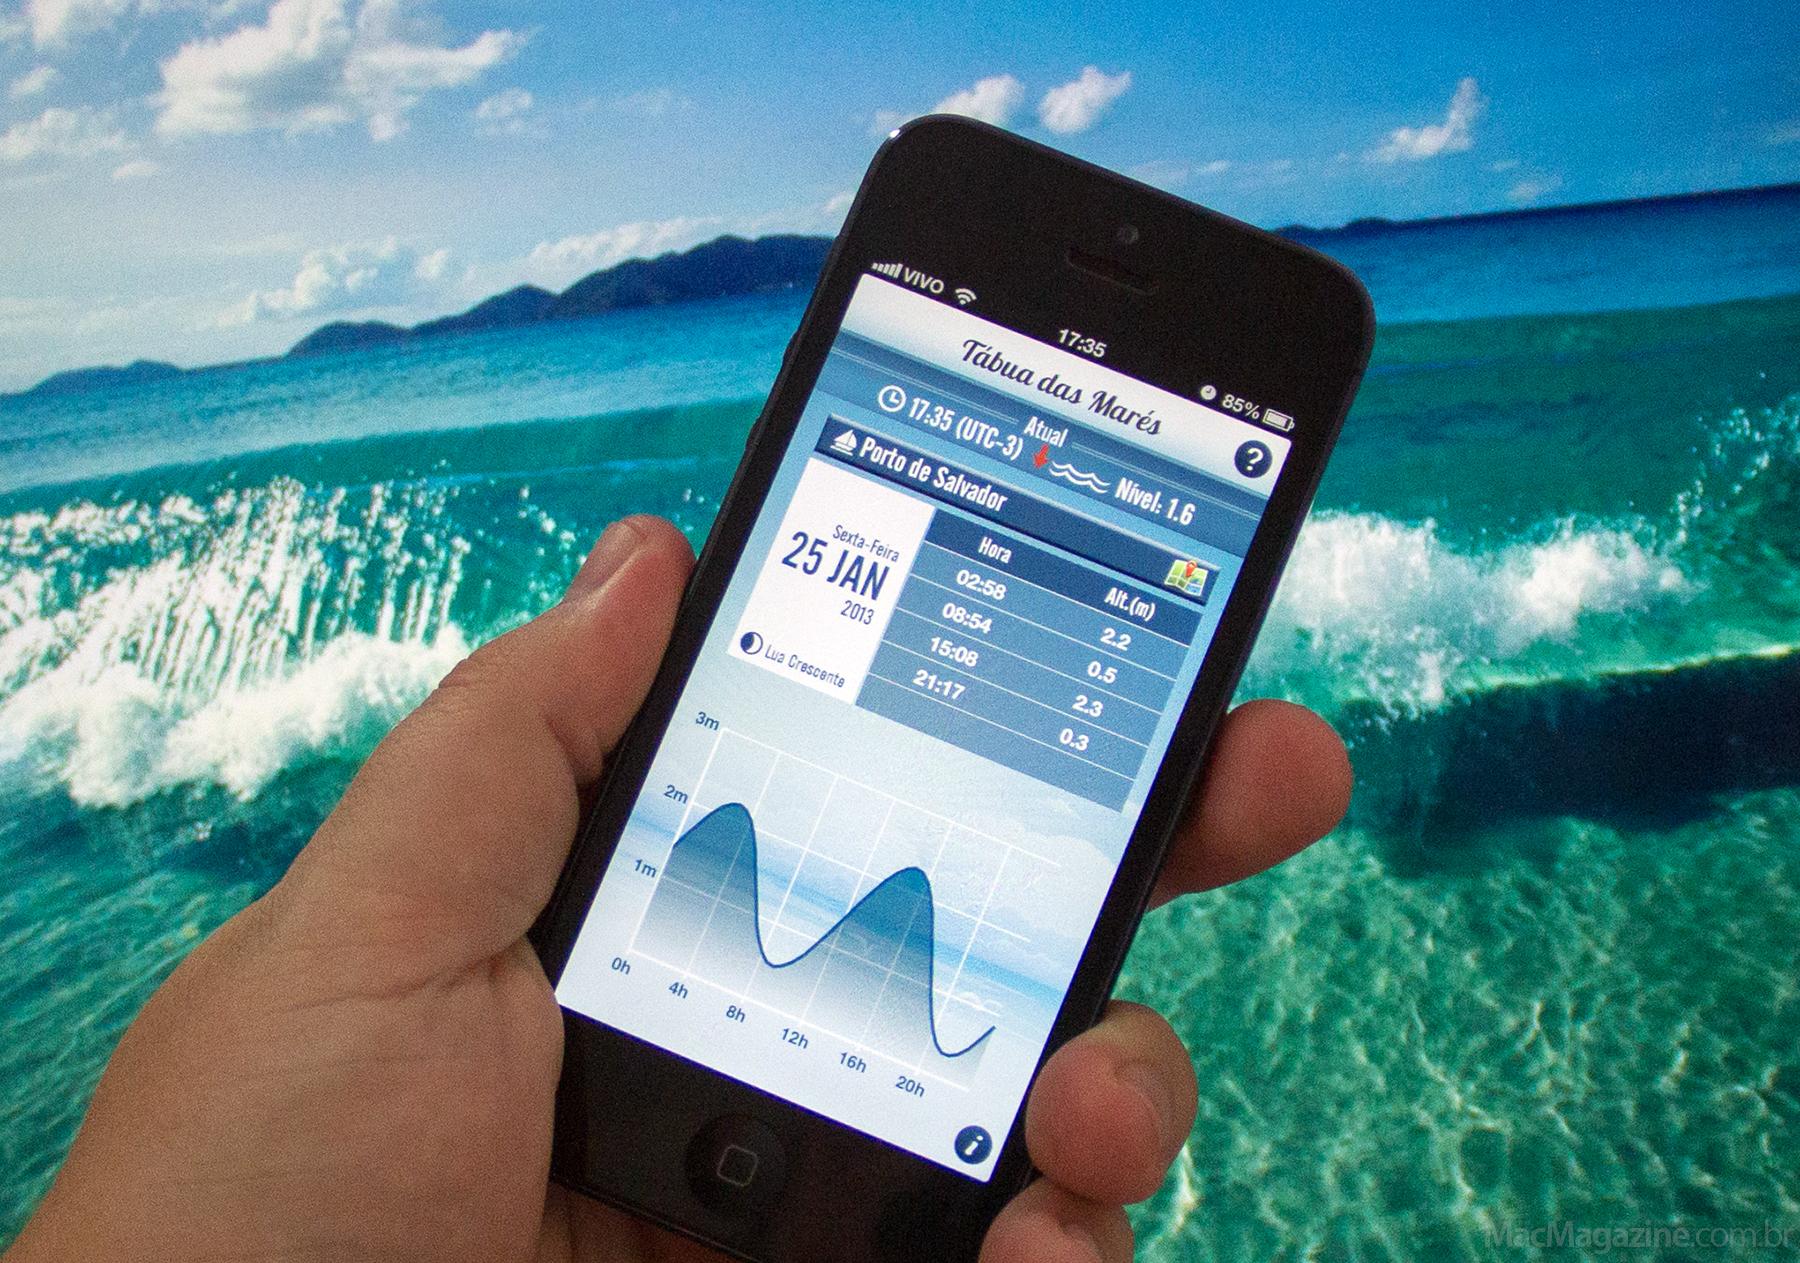 Tábua das Marés no iPhone